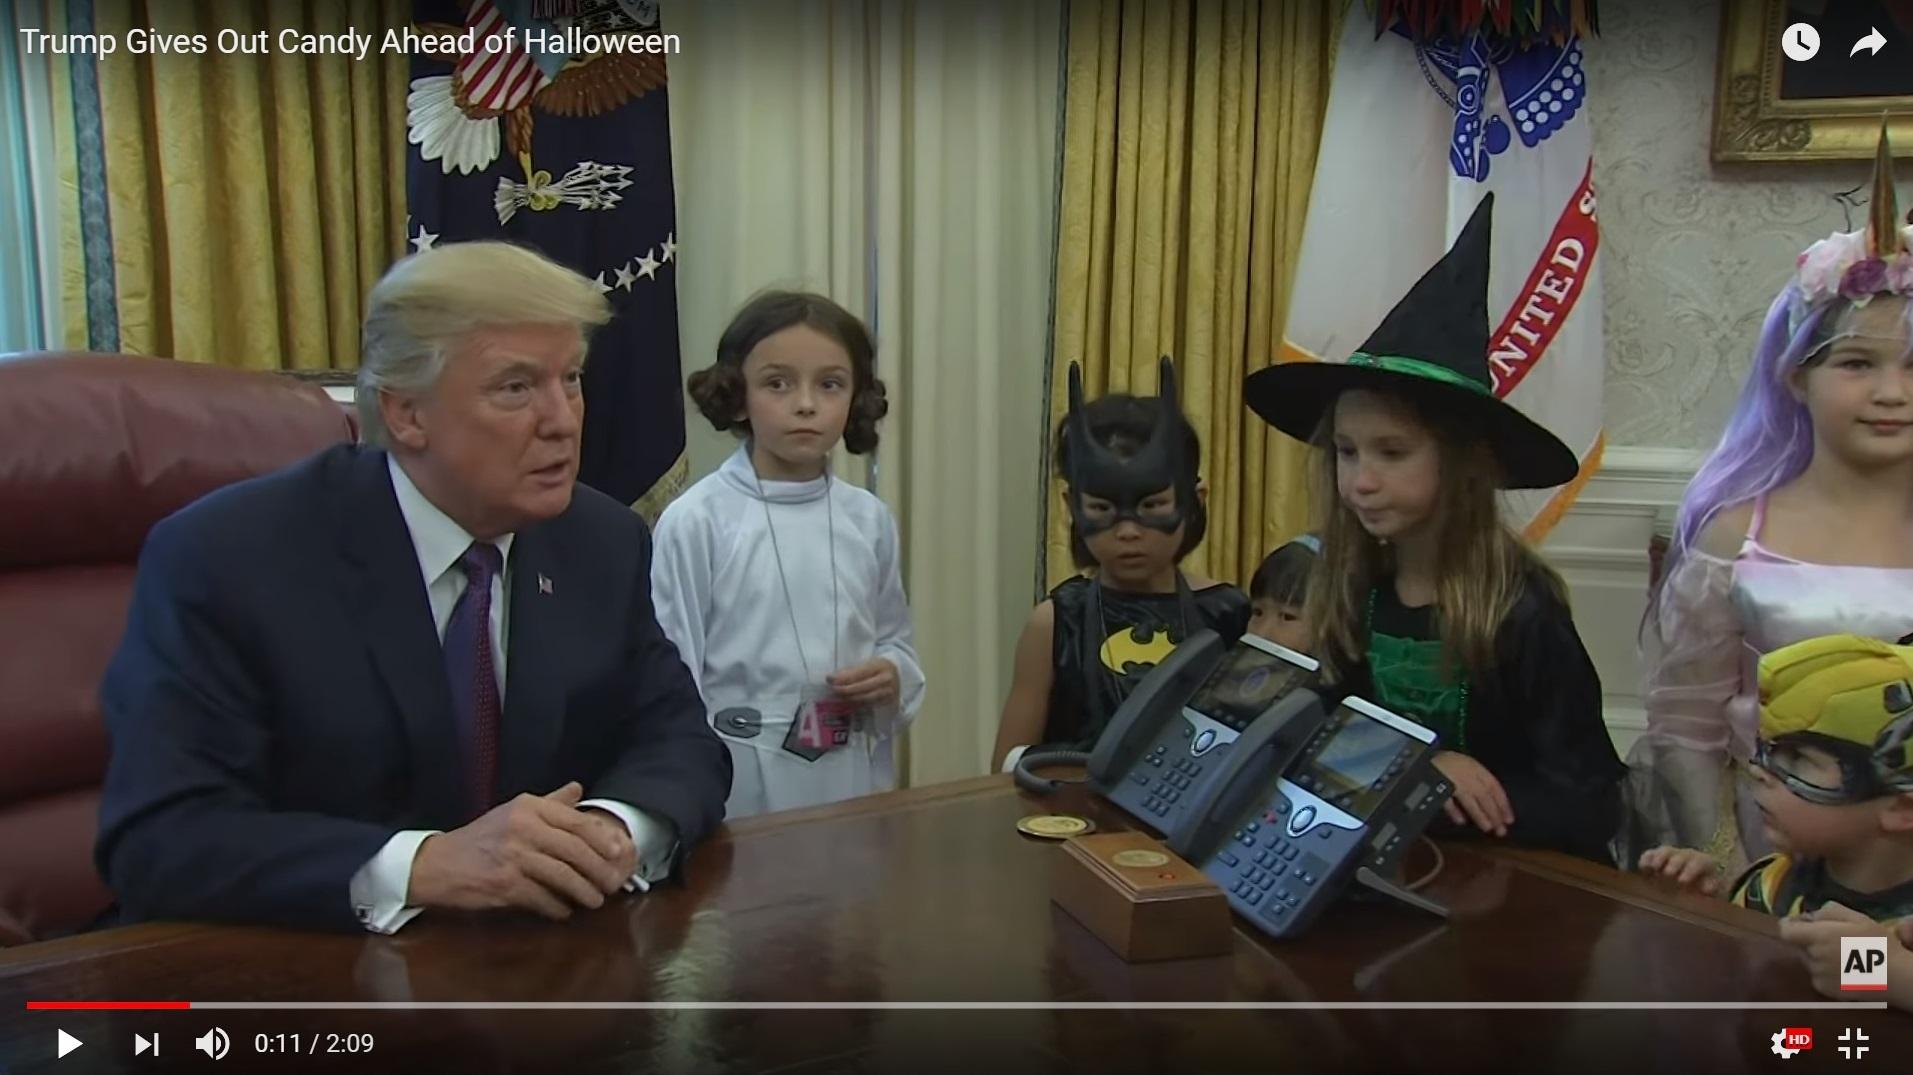 Még jó, hogy nem vagytok dagik - mondta Trump, és cukorkát adott a gyerekeknek